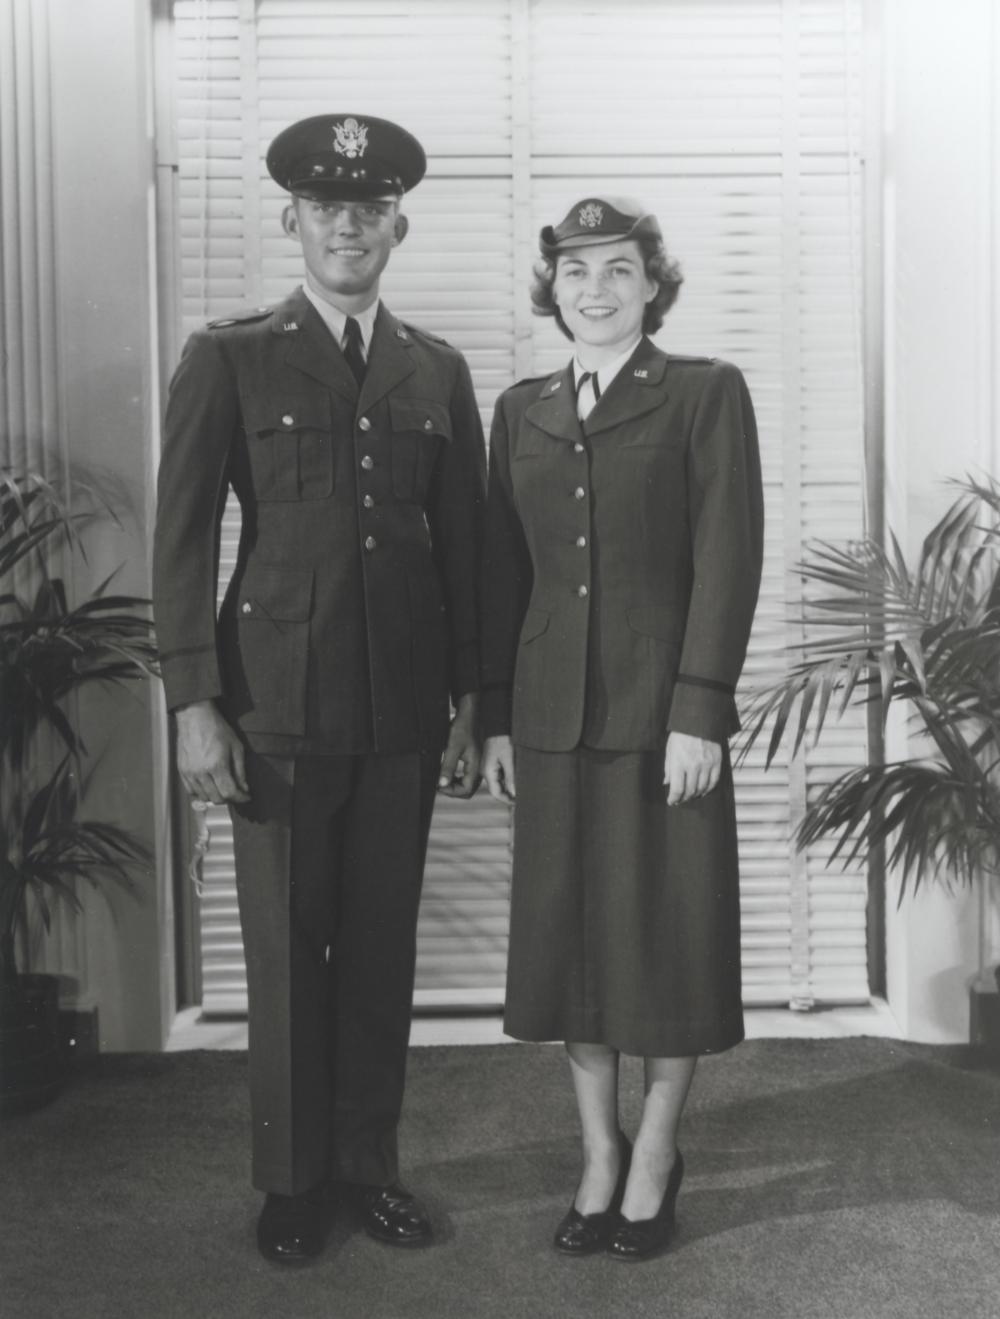 Air Force Dress Blues Women S Fifties Google Search Air Force Dress Blues Air Force Uniforms Usaf Uniforms [ 1319 x 1000 Pixel ]